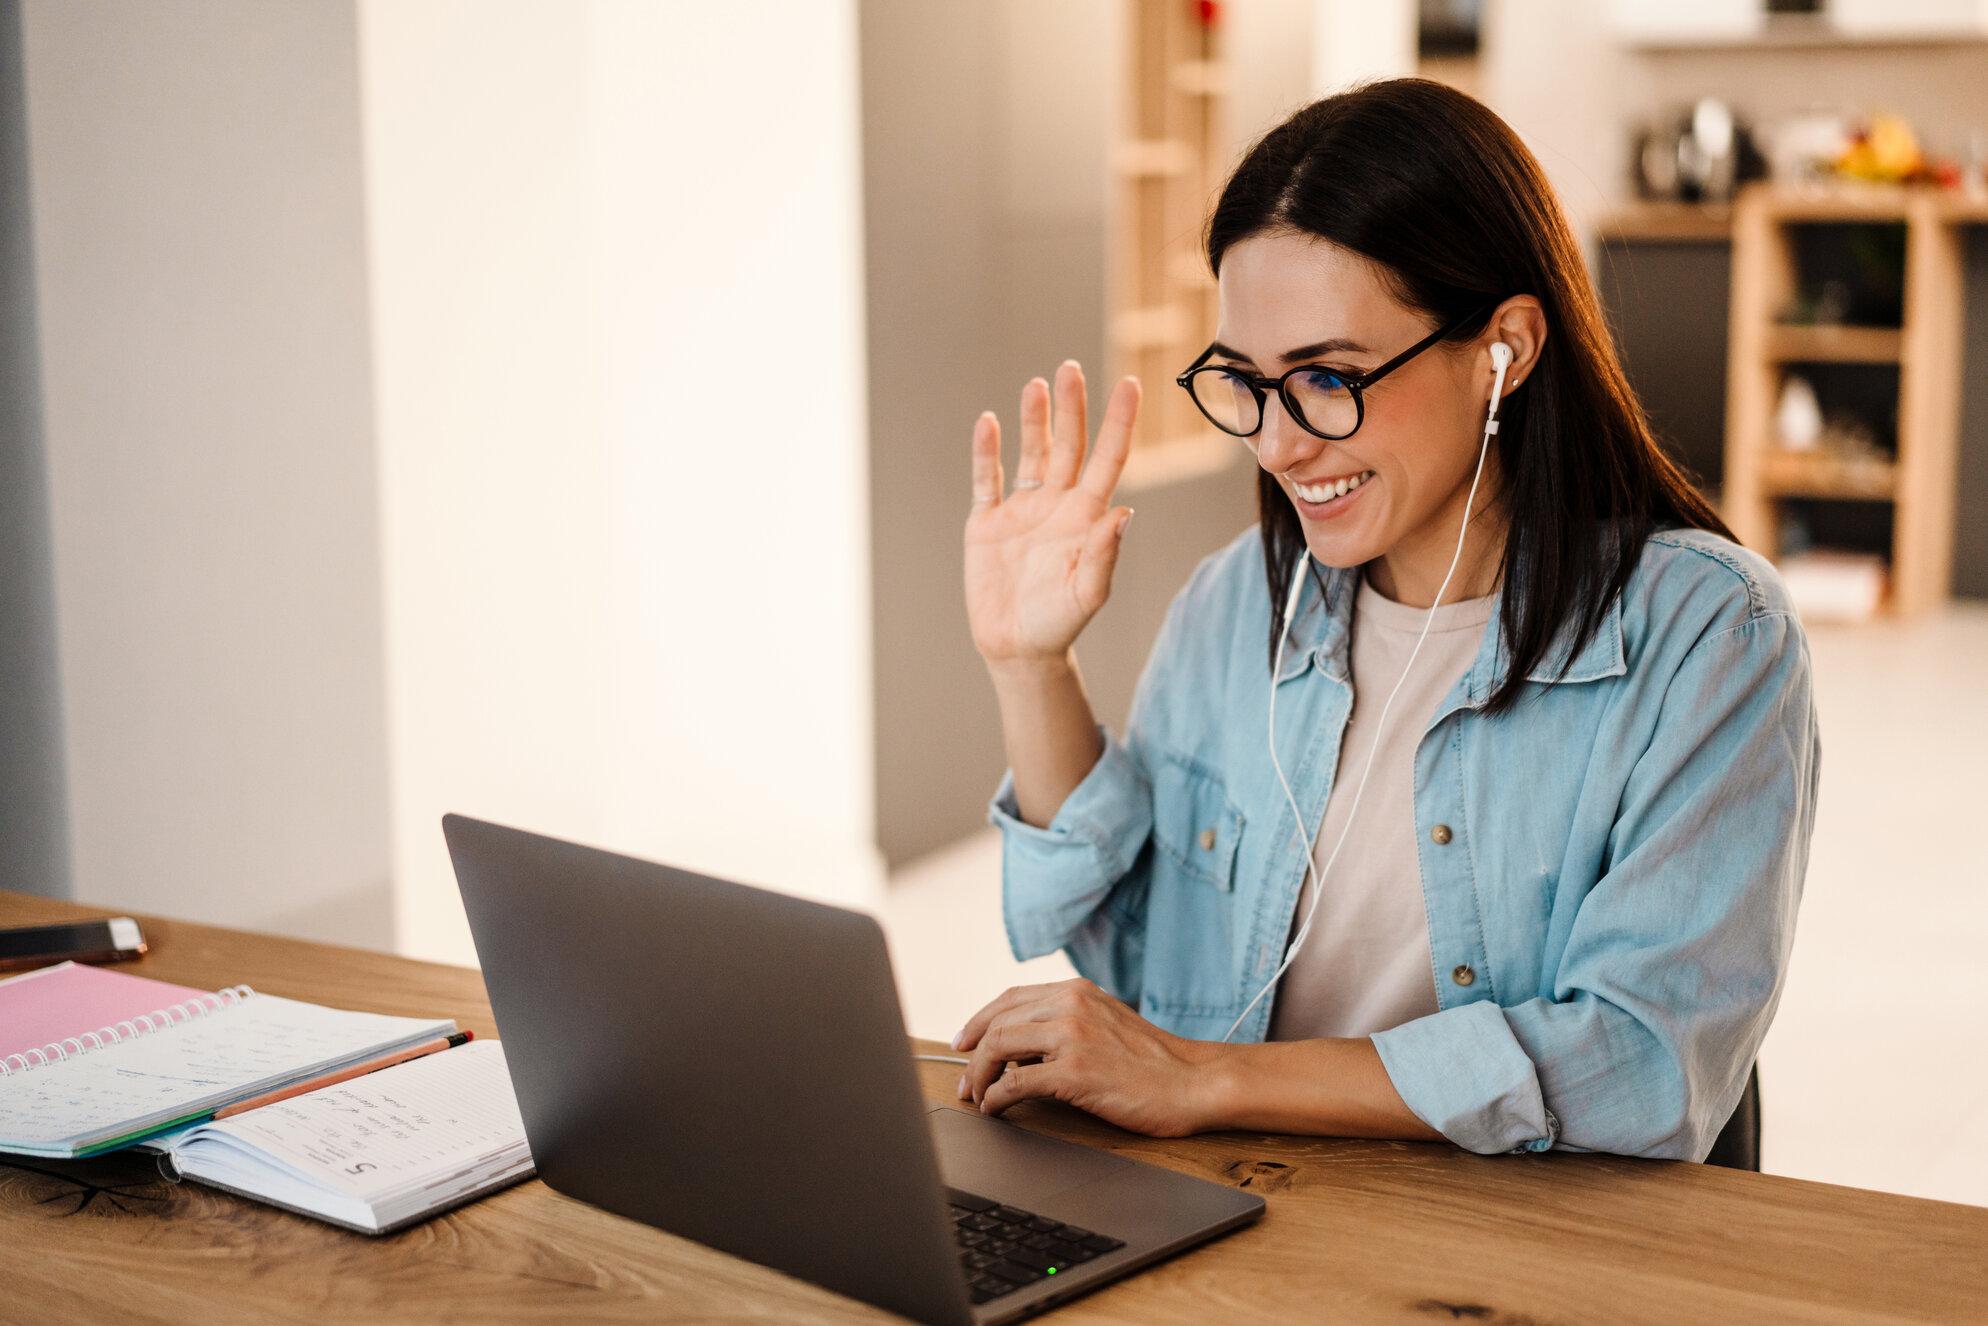 delegate tasks to virtual assistants